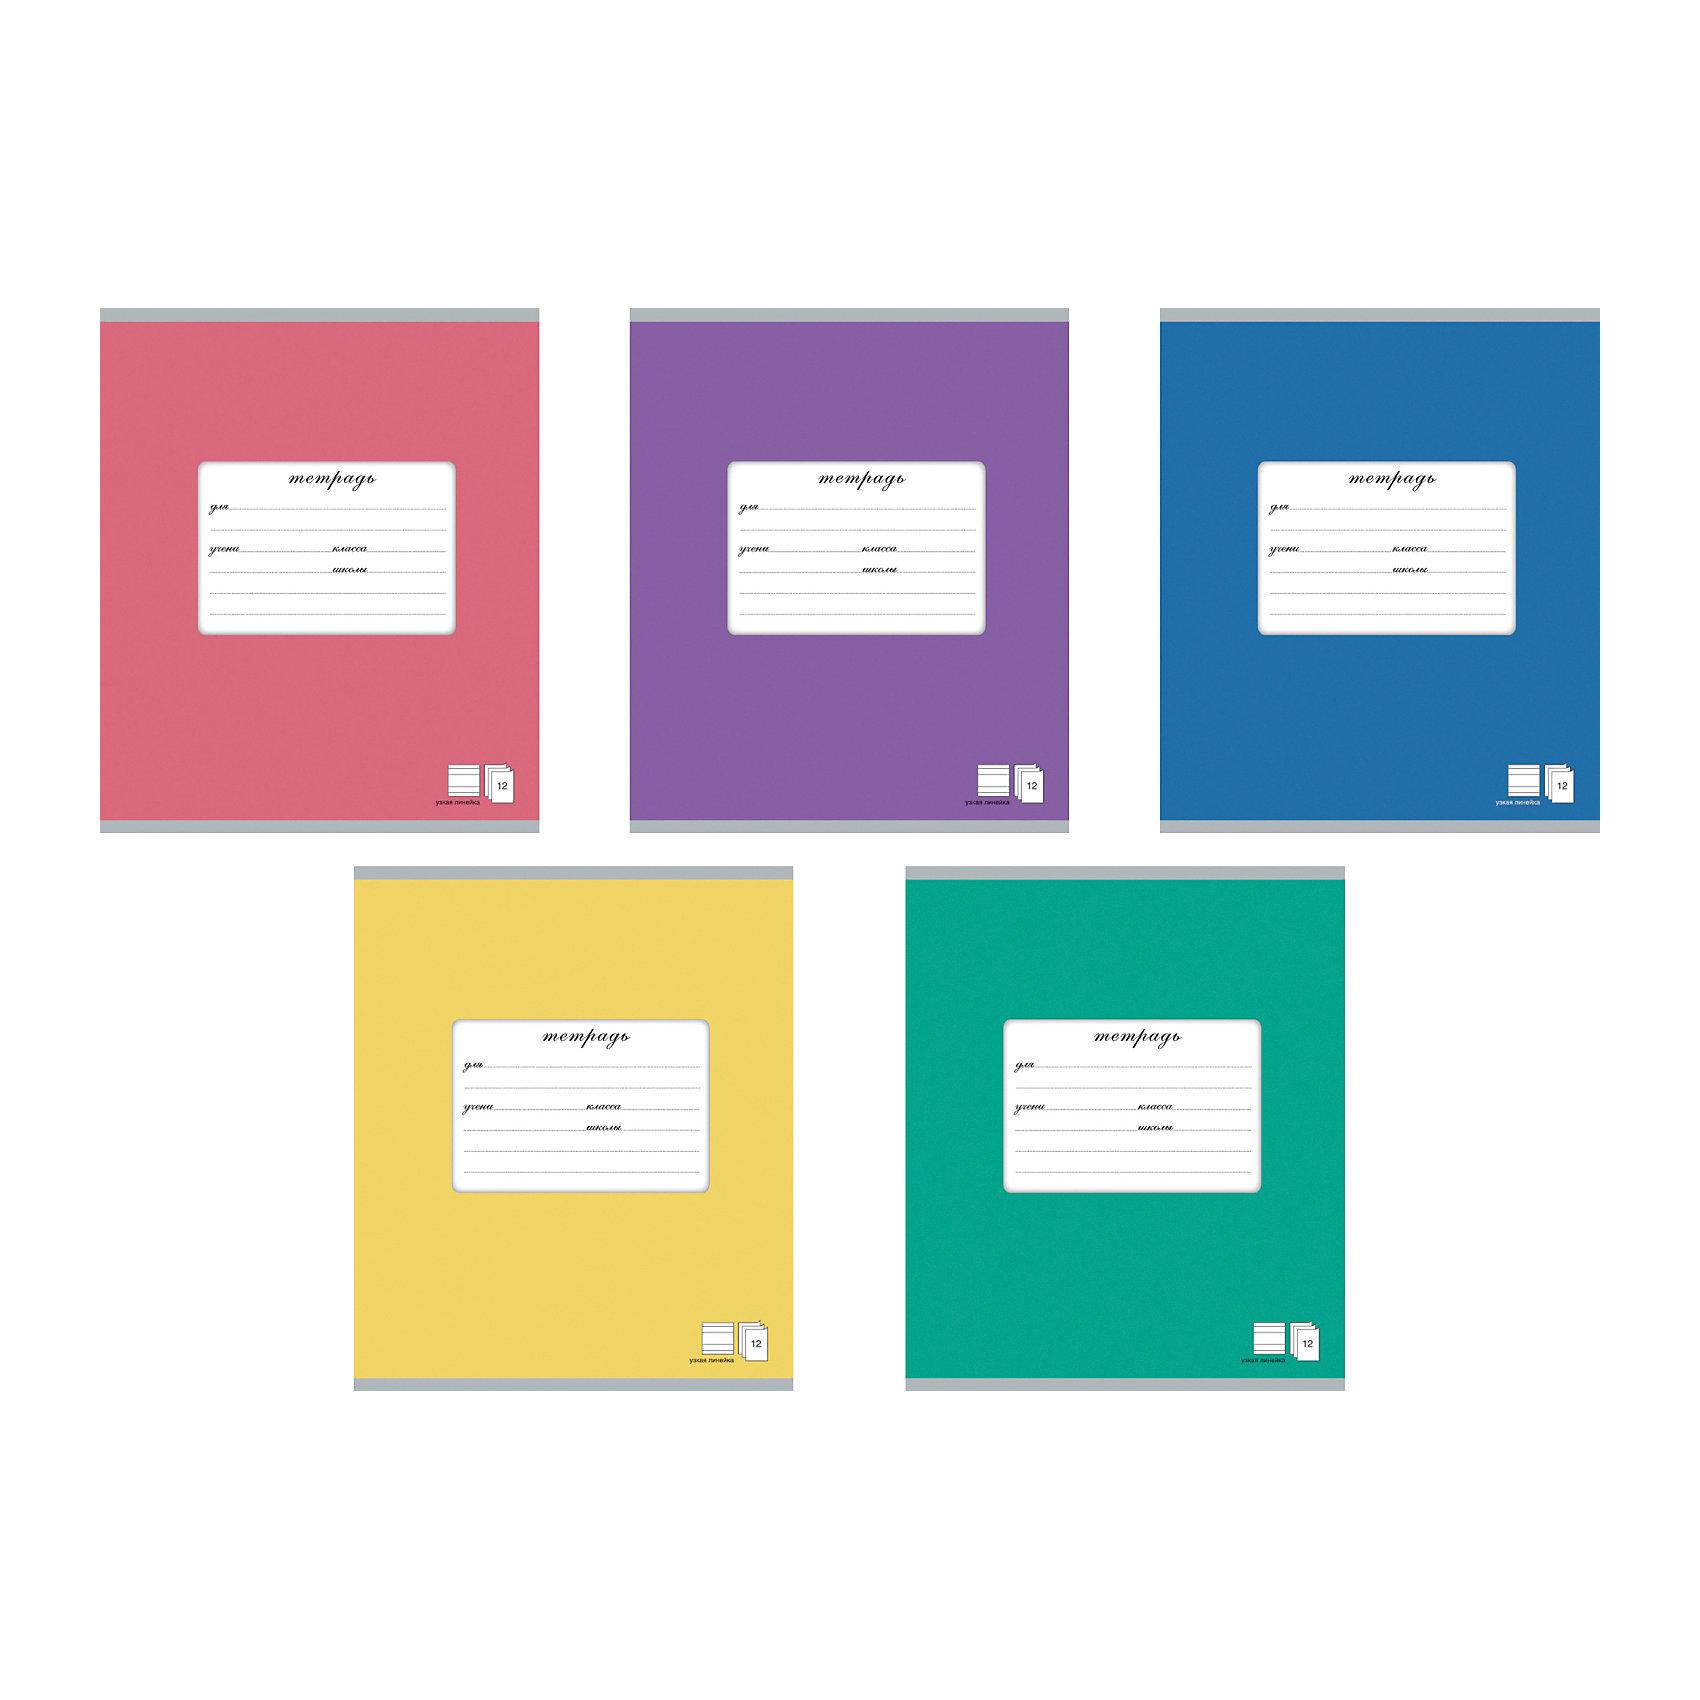 Тетрадь 18 листов, упаковка из 10 шт.Бумажная продукция<br>Тетрадь 18 листов, 10 шт.<br><br>Характеристики:<br><br>• Количество: 10 шт.<br>• Формат: А5<br>• Внутренний блок: 18 листов, клетка, с полями, офсет<br>• Тип крепления: скрепка<br>• Обложка: мелованный картон<br>• Упаковка: термопленка<br><br>Тетради в клетку с полями предназначены для школьников. Отличная полиграфия и качественная бумага обеспечат высокое качество письма. Обложка из мелованного картона позволит сохранять тетрадь в аккуратном виде в течение всего периода использования. На задней обложке тетради - таблица умножения, меры длины, площади, объема и массы.<br><br>Тетрадь 18 листов, 10 шт. можно купить в нашем интернет-магазине.<br><br>Ширина мм: 170<br>Глубина мм: 30<br>Высота мм: 205<br>Вес г: 349<br>Возраст от месяцев: 60<br>Возраст до месяцев: 204<br>Пол: Унисекс<br>Возраст: Детский<br>SKU: 5540086